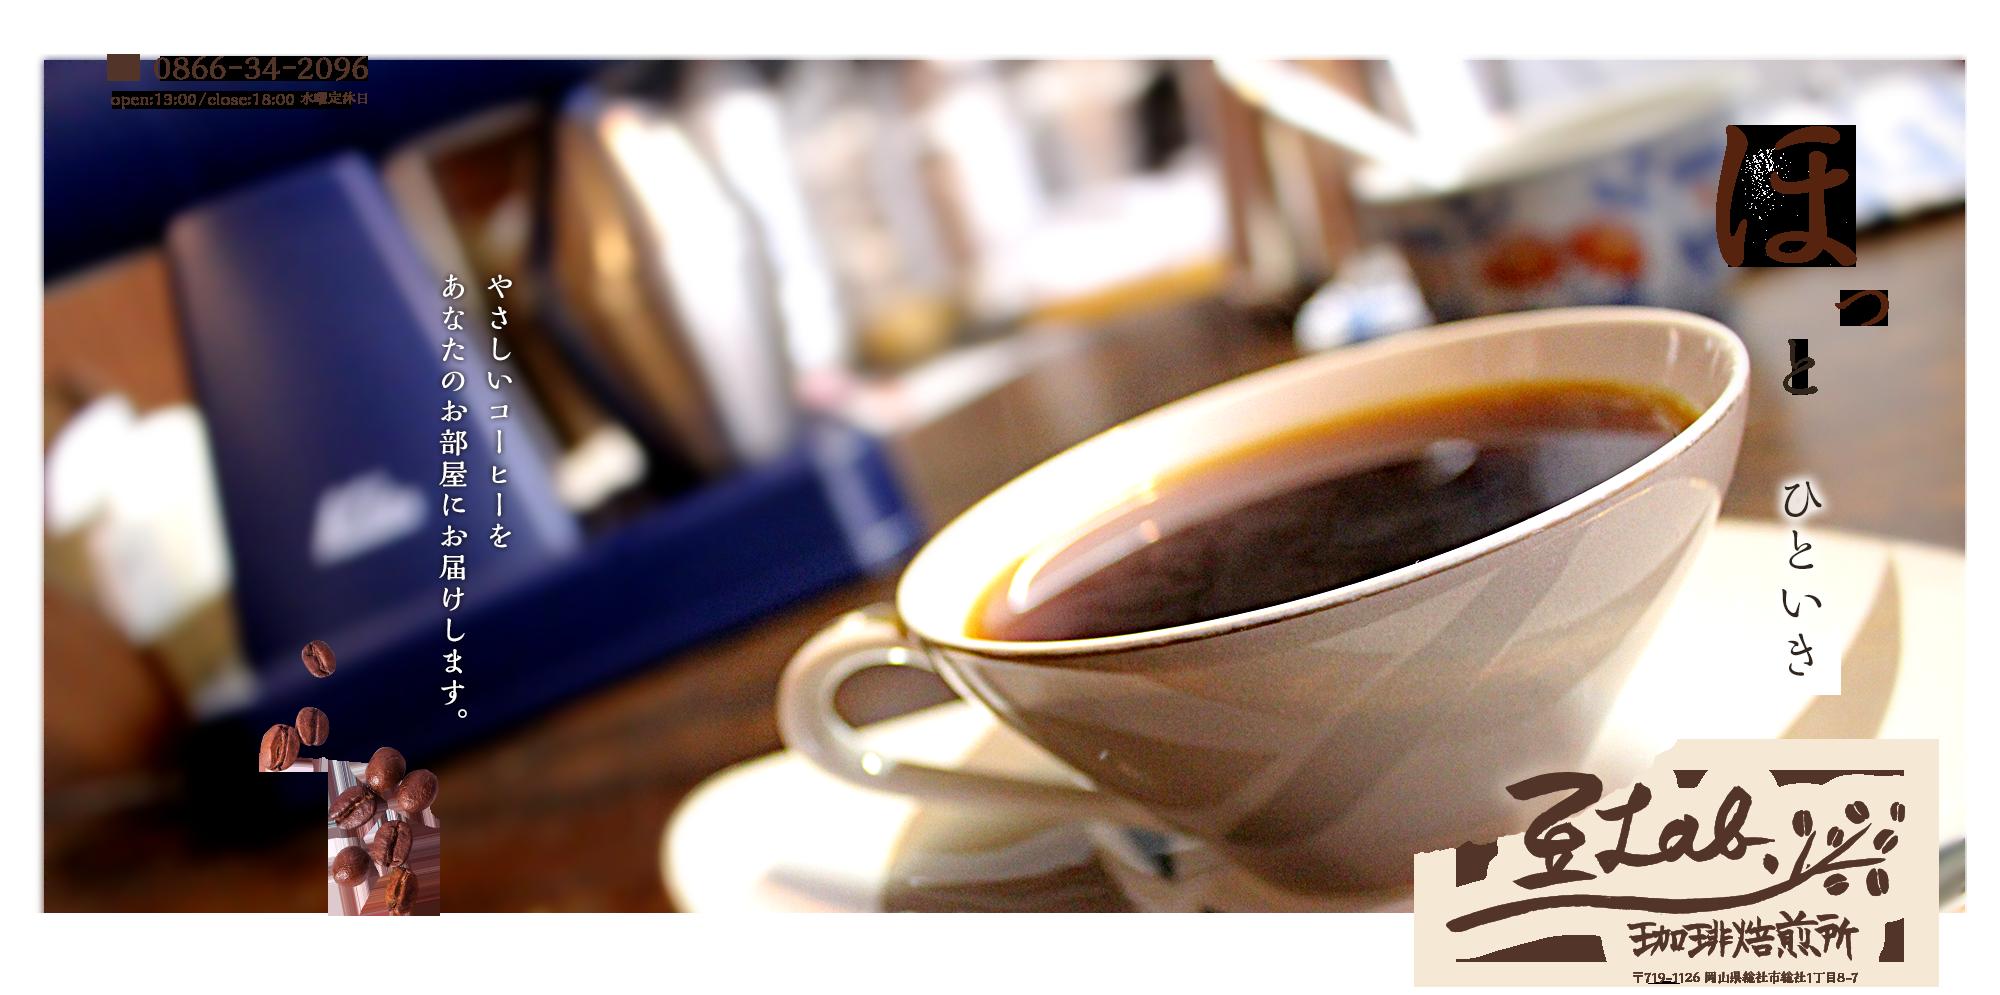 「ほっ」とひといき  やさしいコーヒーを あなたのお部屋にお届けします。